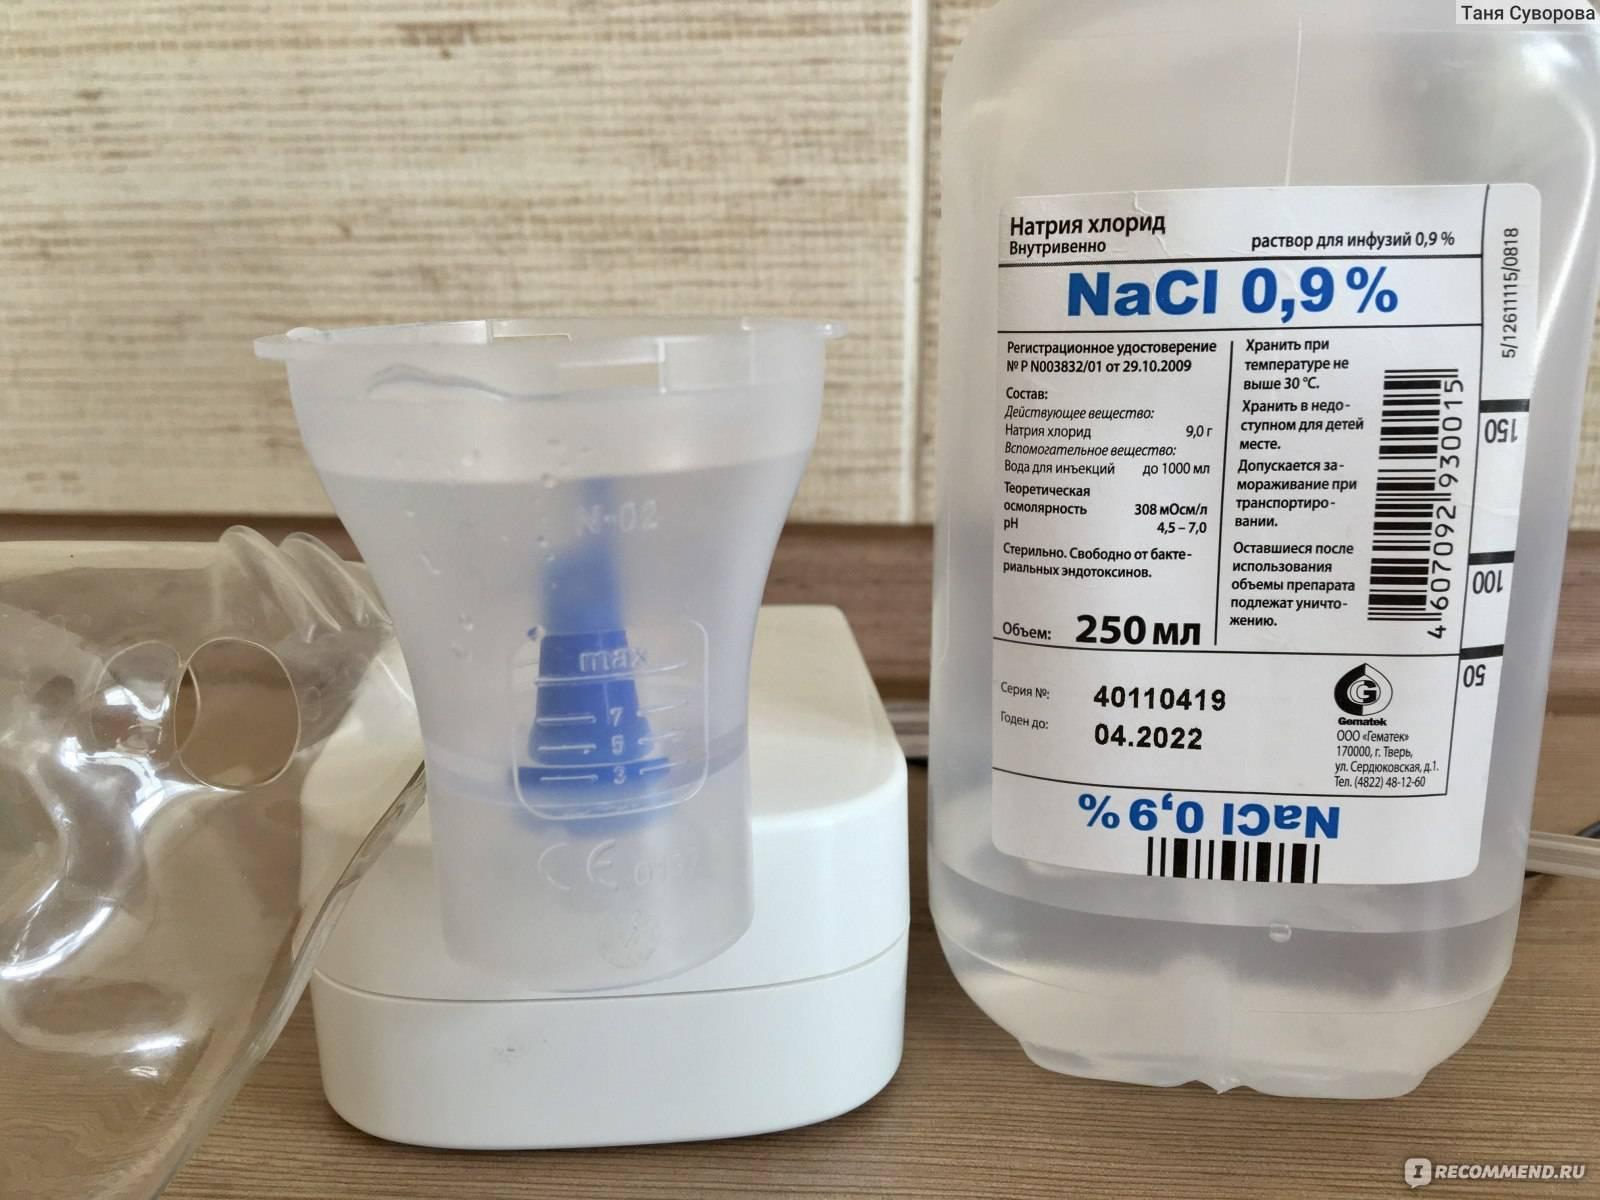 натрий хлорид для промывания носа